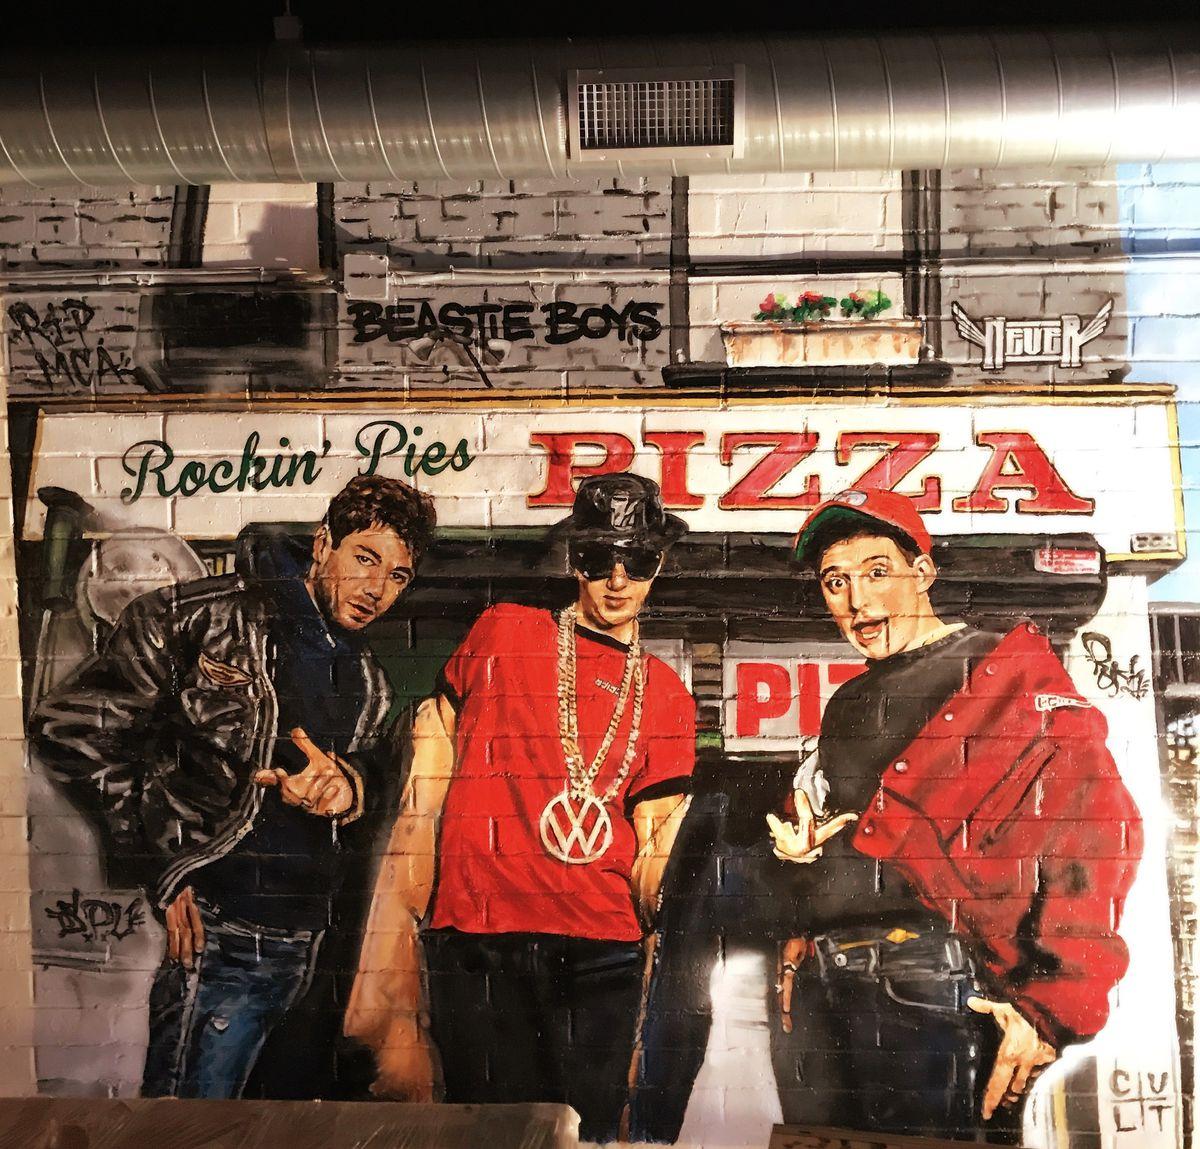 Beastie Boys at Rockin' Pies Pizza Company